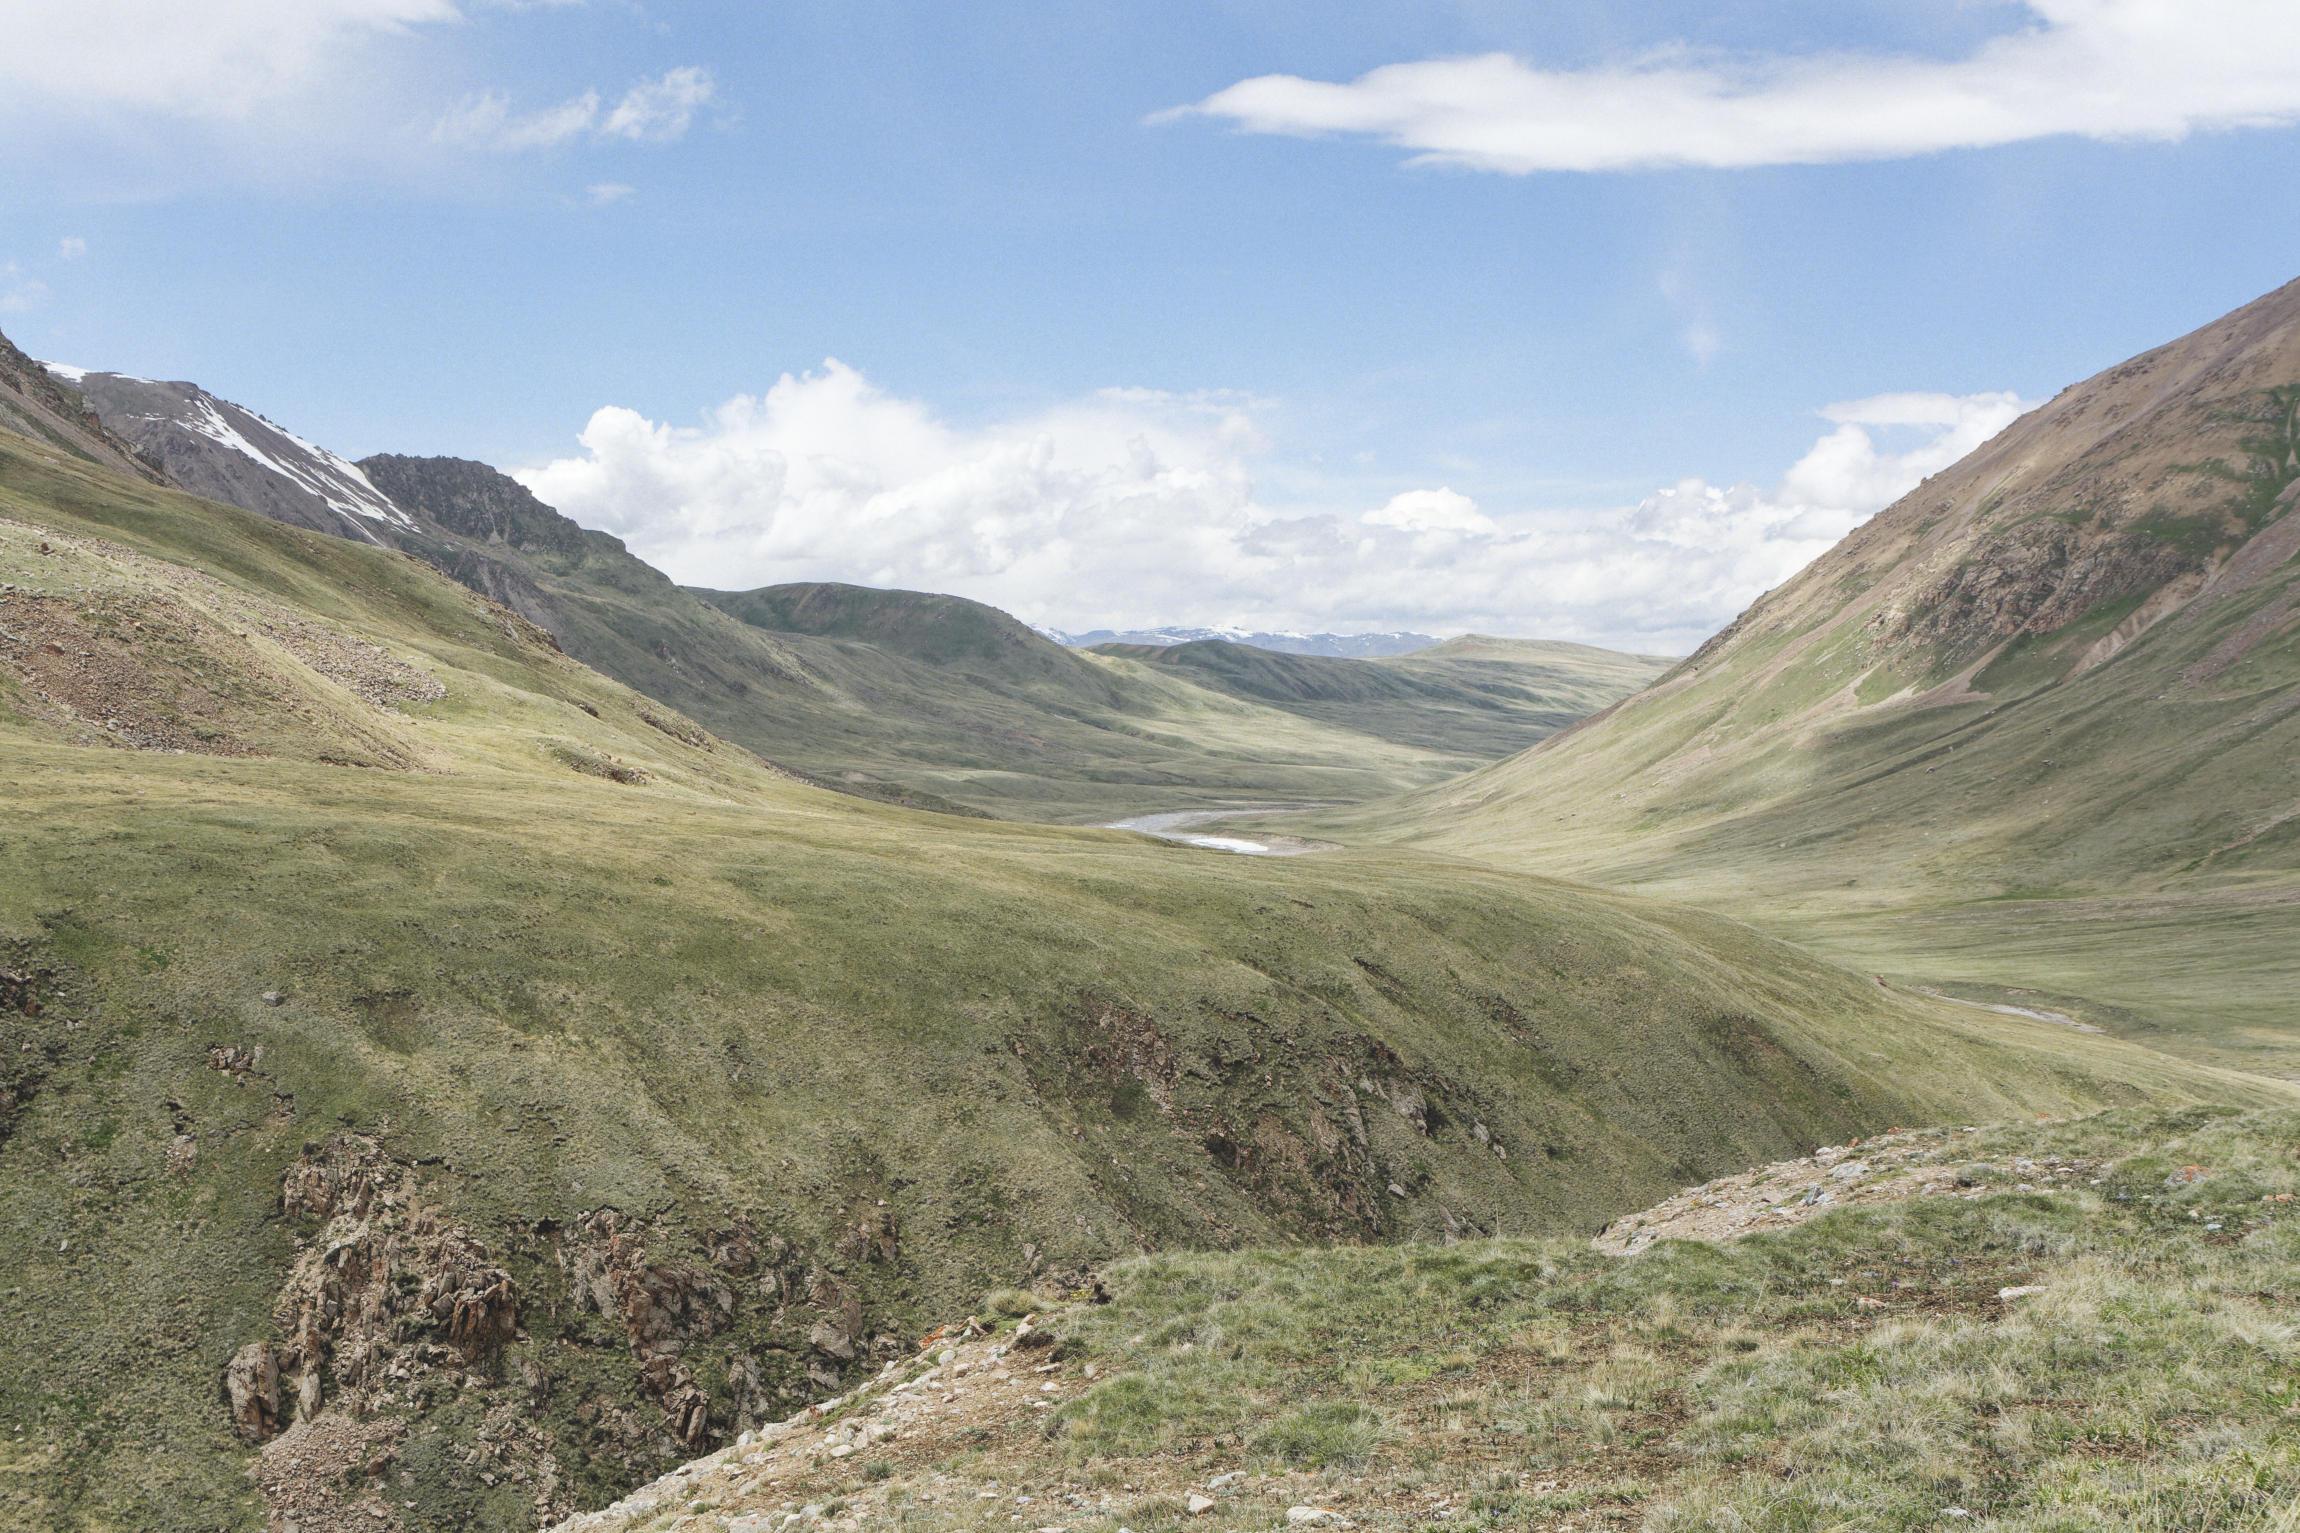 Rivière Tuz Kirghizstan région de Sary Jaz